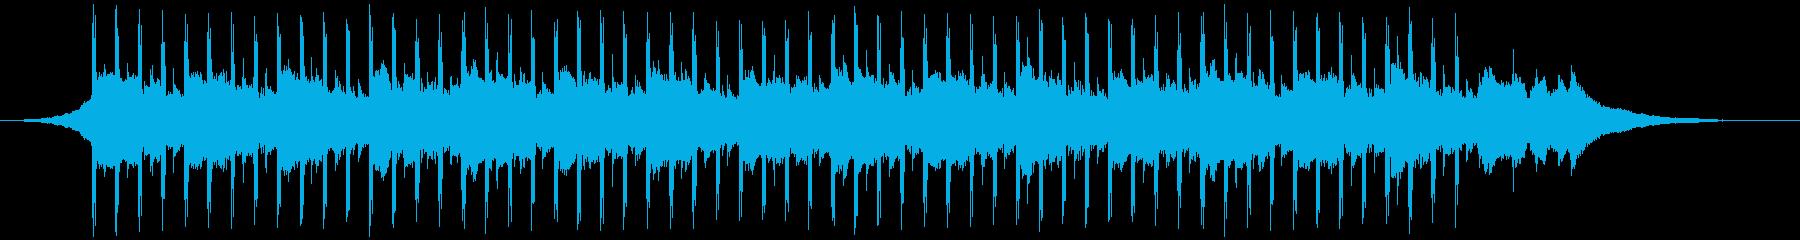 チュートリアルミュージック(短)の再生済みの波形